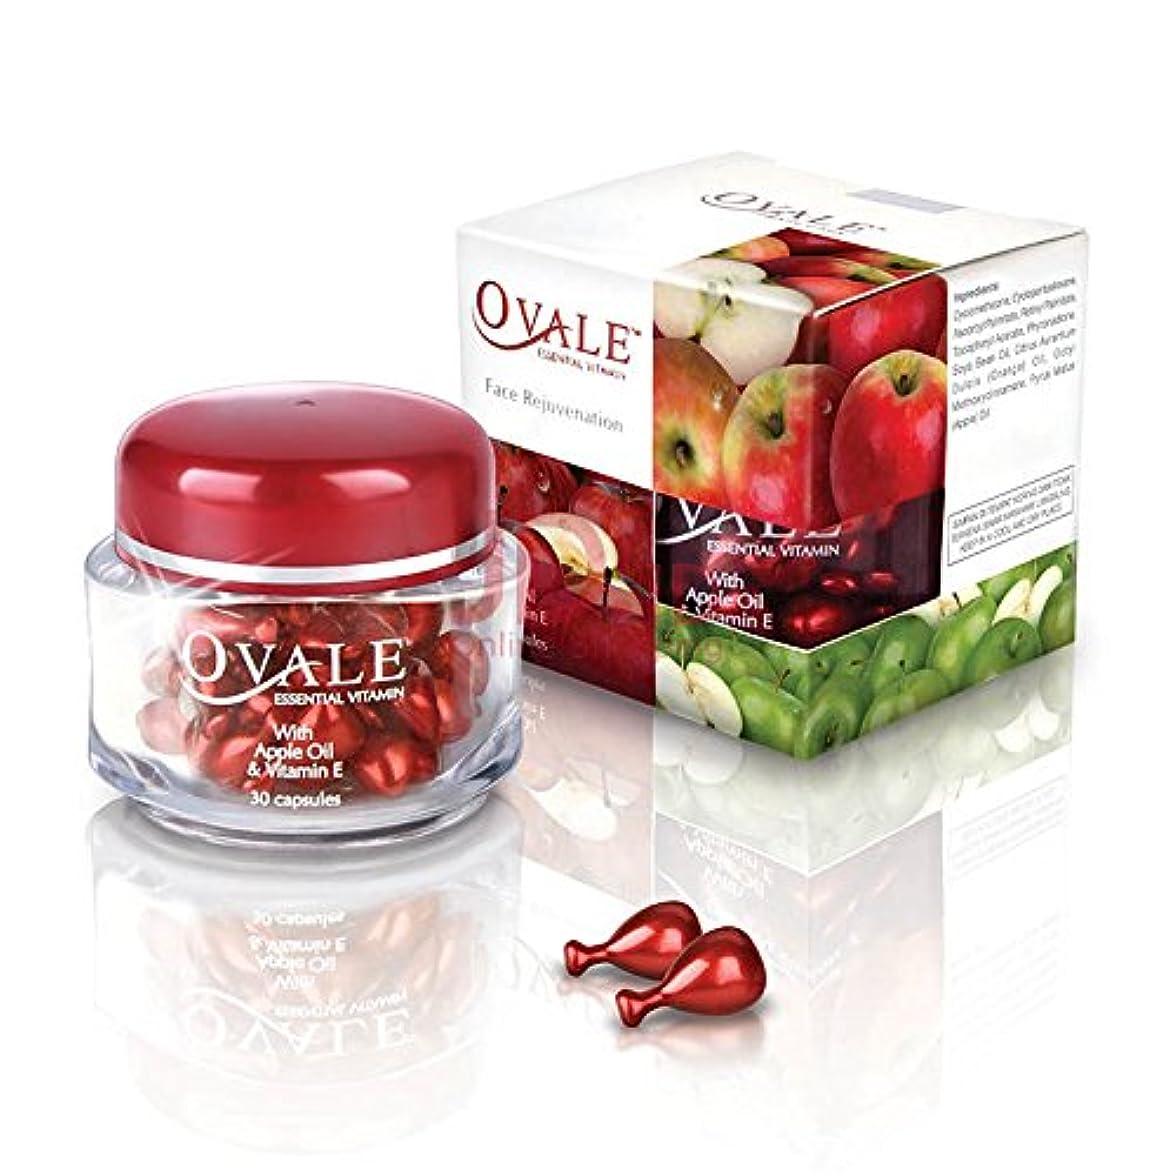 農学効果的祝福Ovale オーバル フェイシャル美容液 essential vitamin エッセンシャルビタミン 30粒入ボトル×2個 アップル [海外直送品]